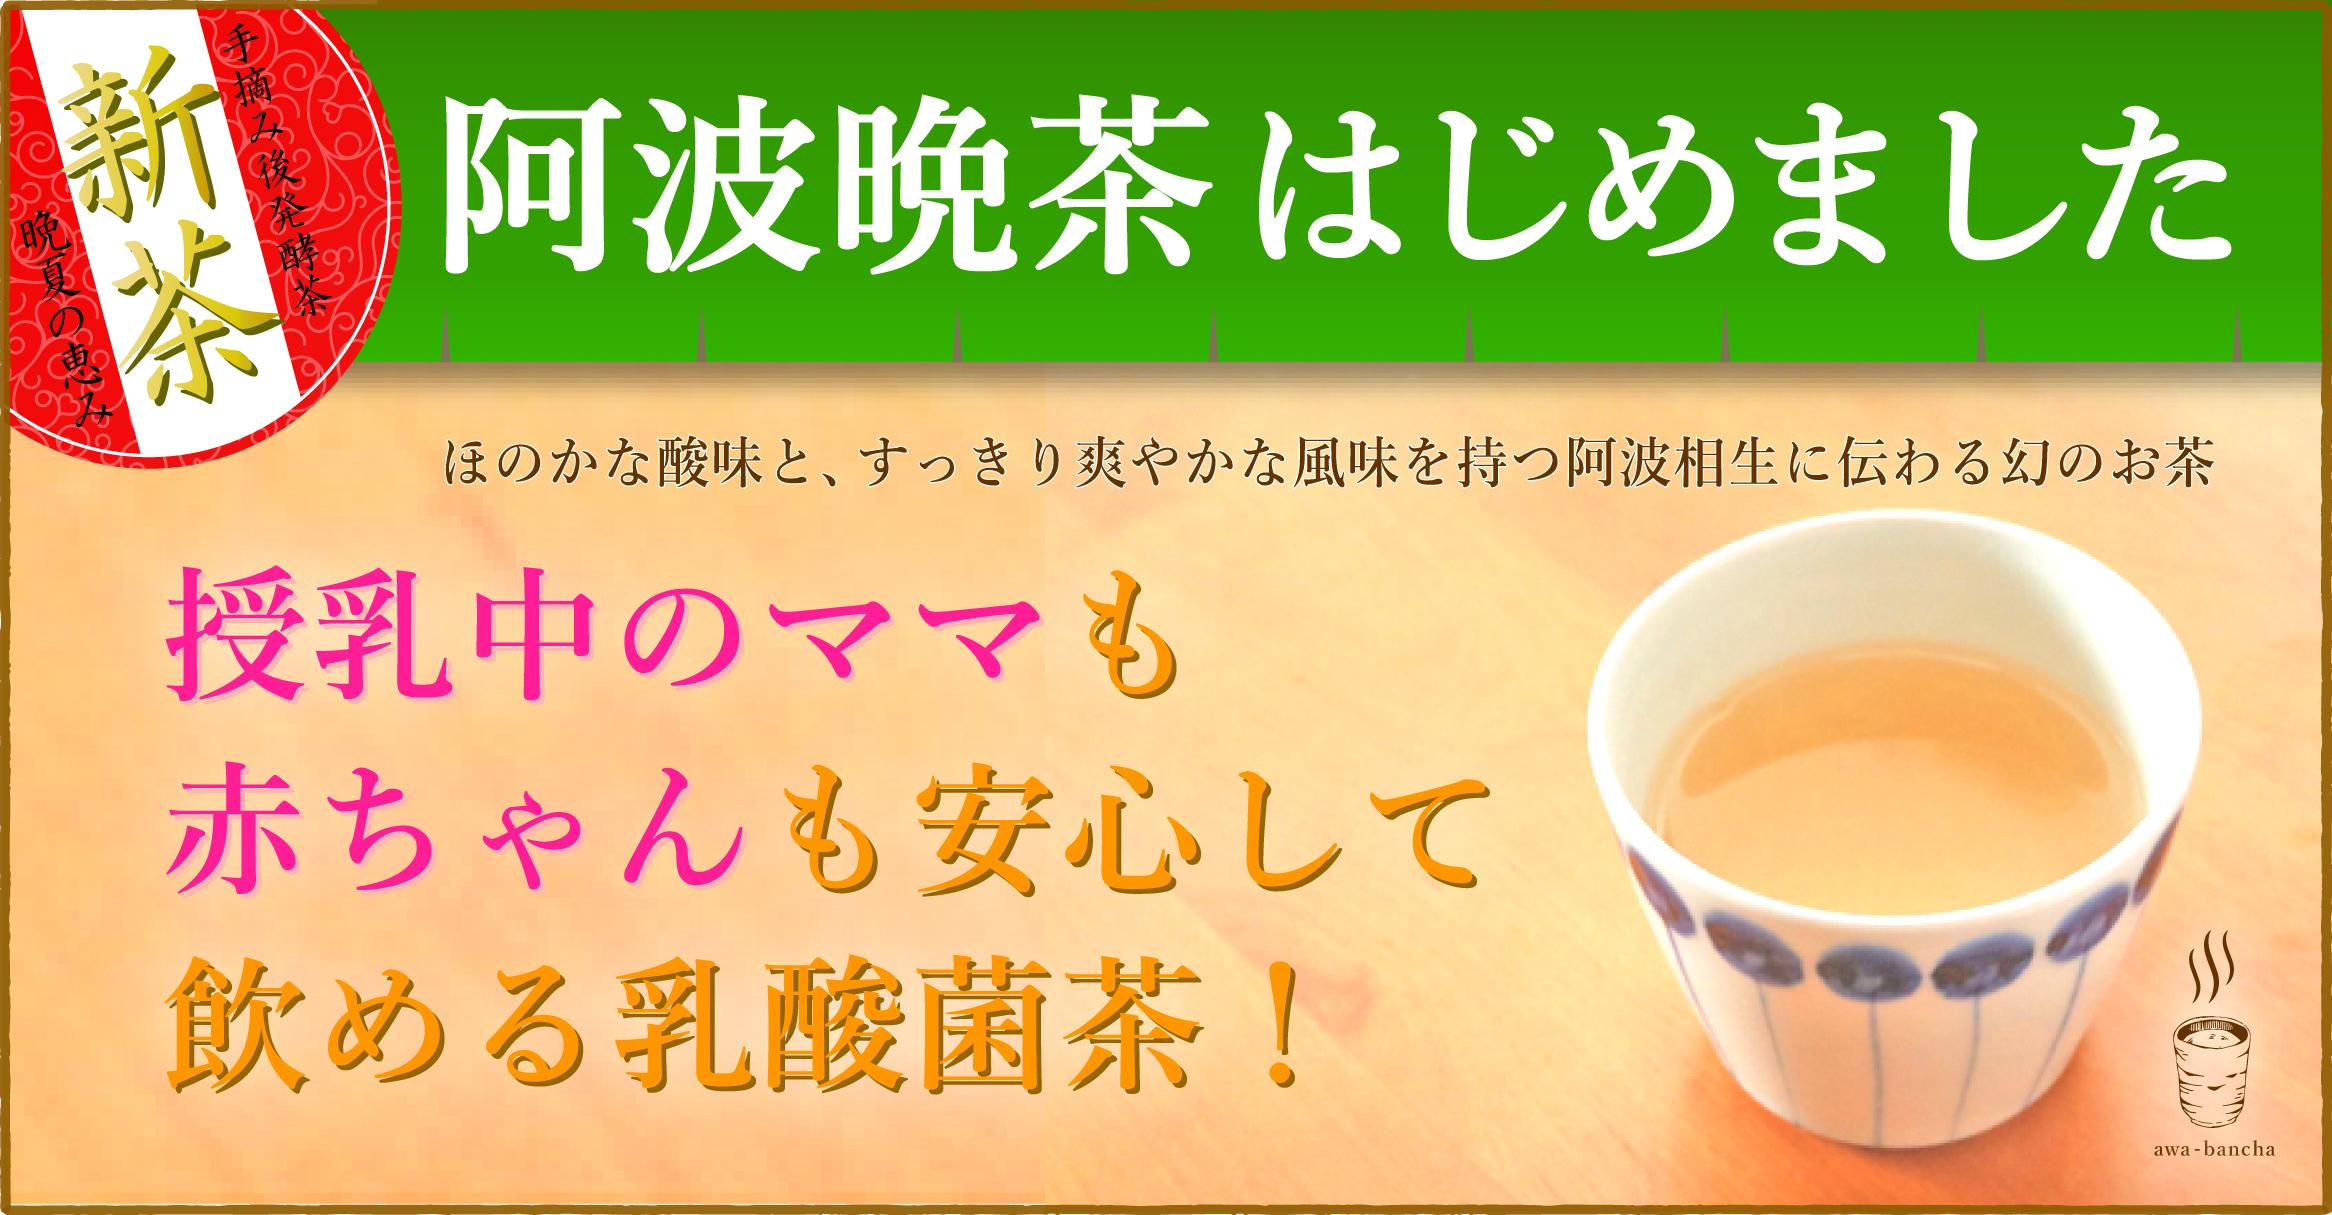 <span>幻の乳酸菌茶[阿波晩茶]</span>